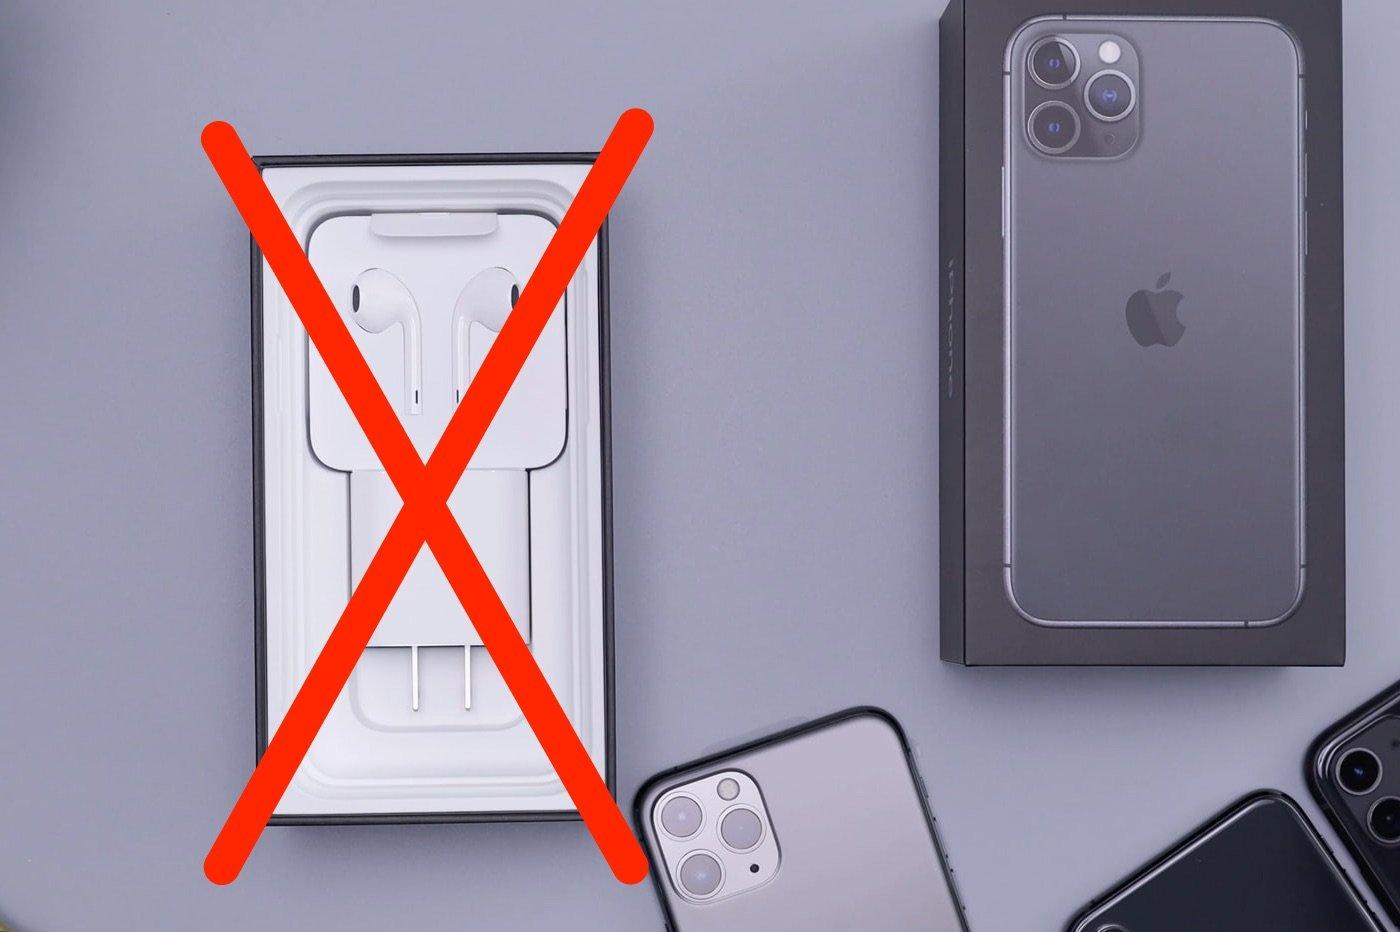 écouteurs et chargeur pour iPhone